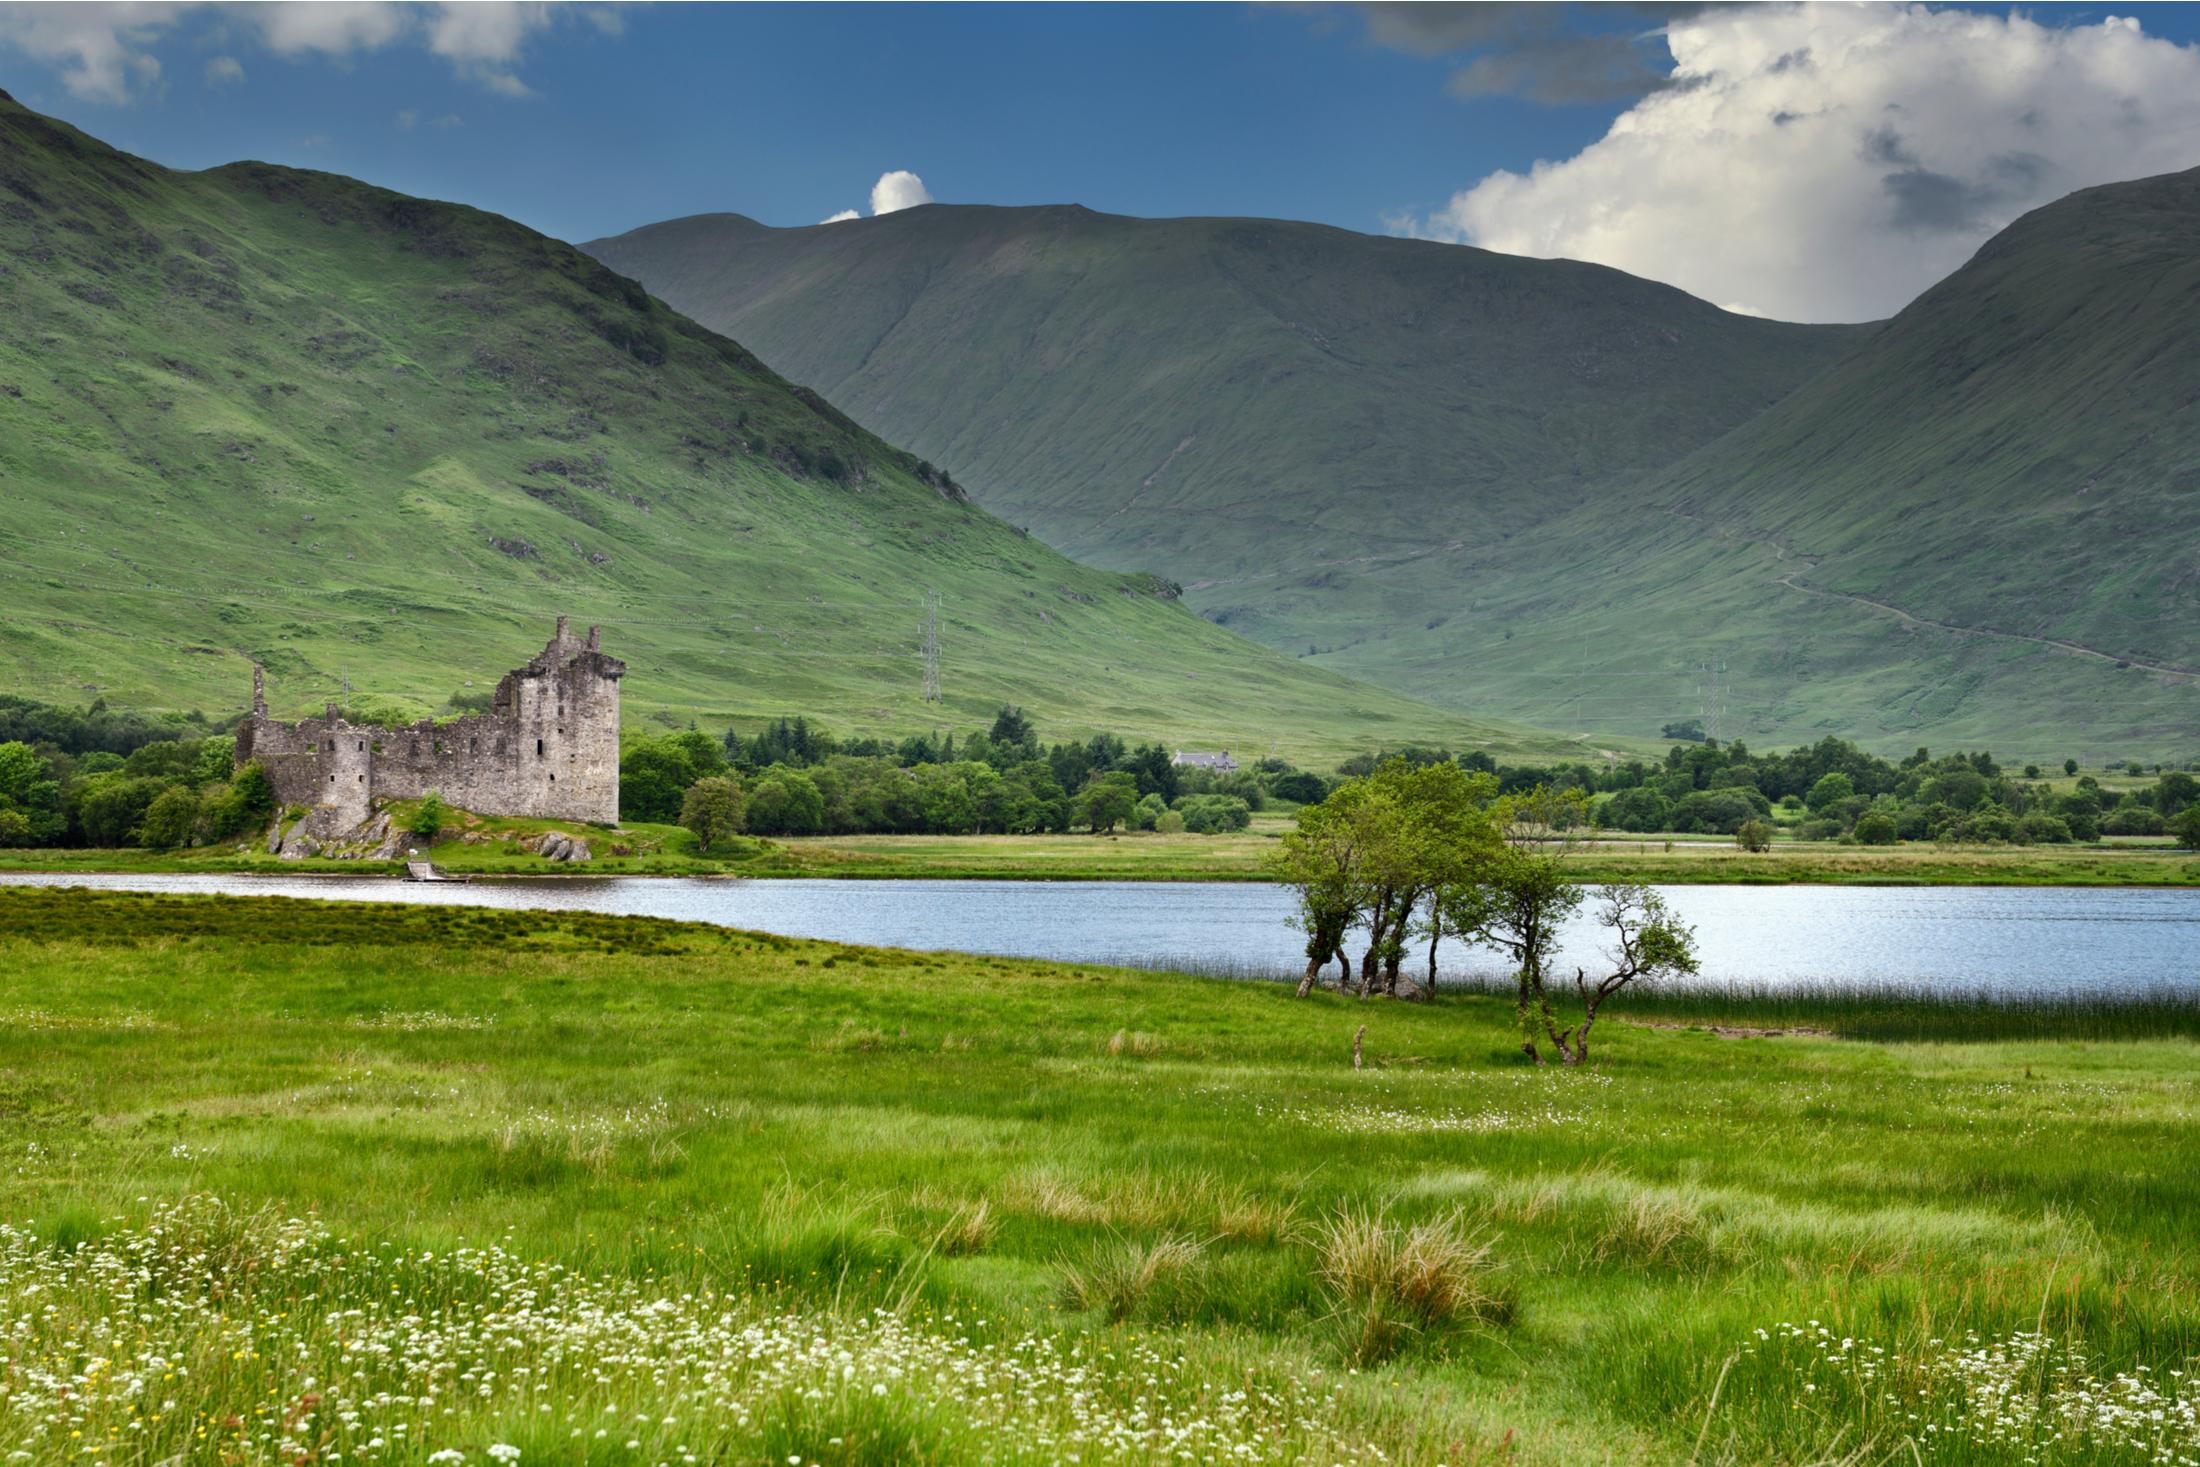 Loch Awe Dalmally Scotland UK